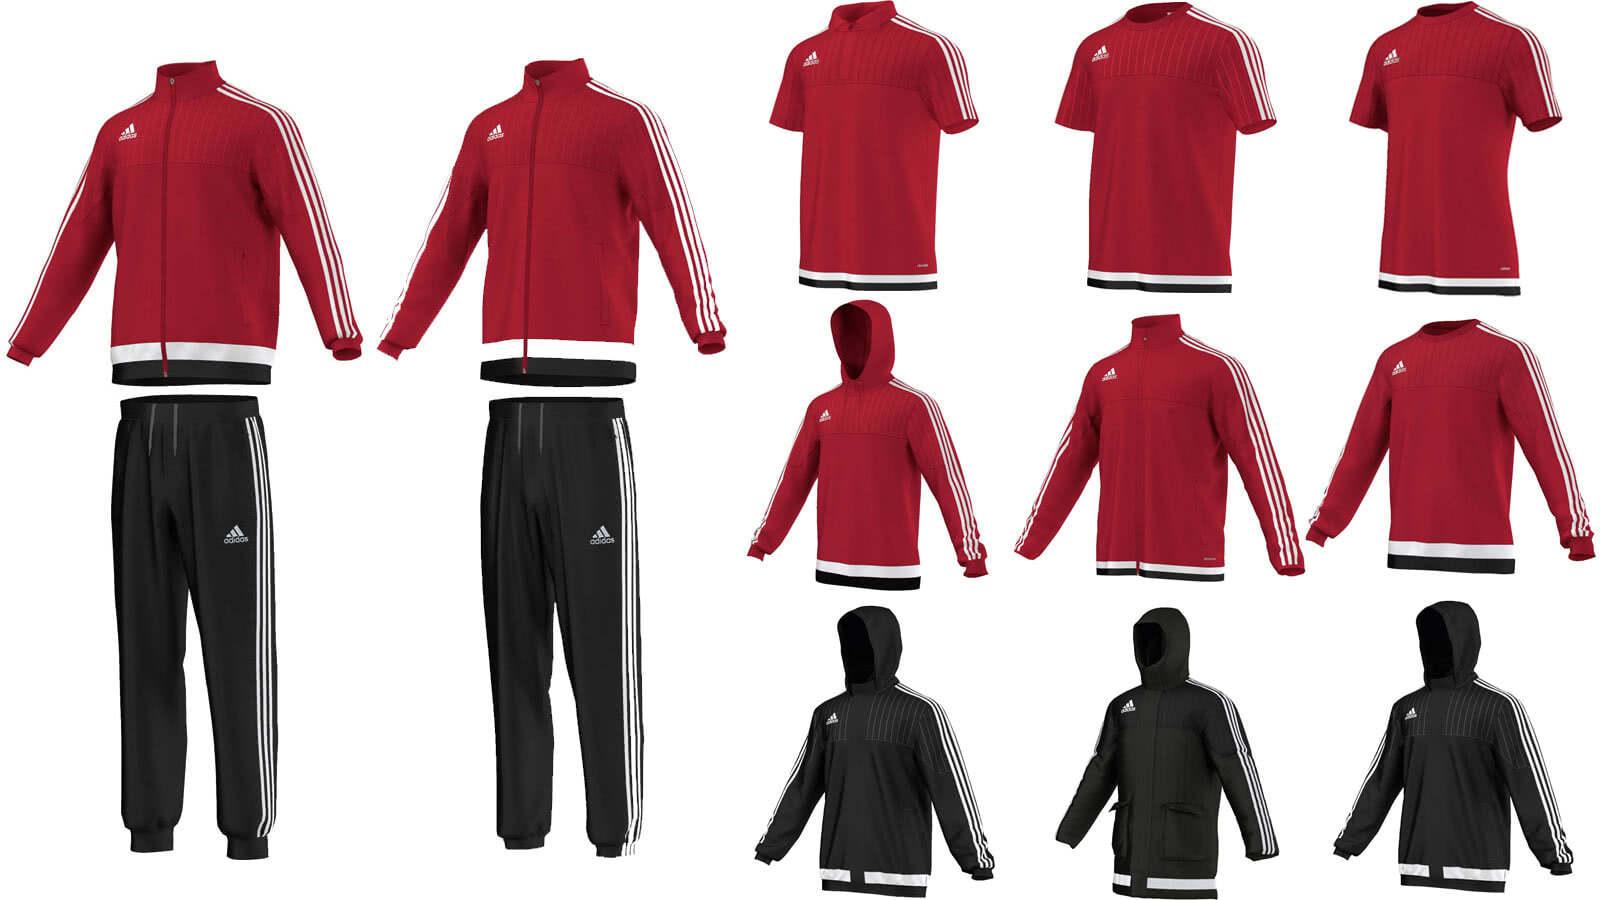 Adidas Tiro 15 Sportbekleidung